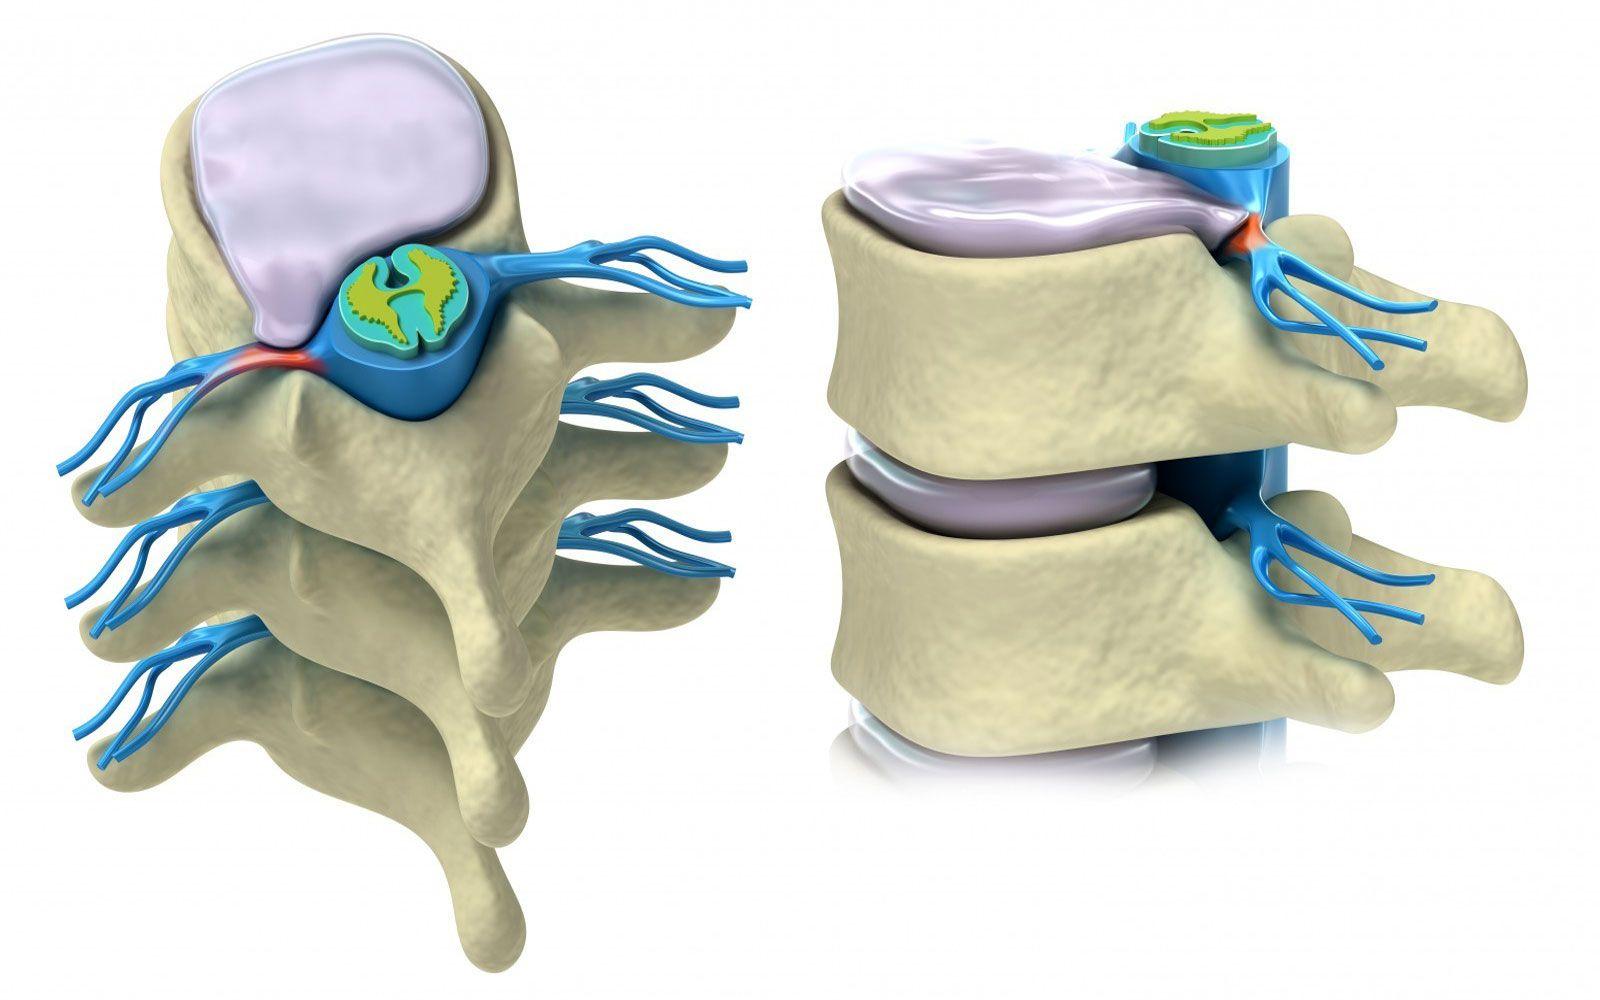 3 стадии формирования циркулярной протрузии позвонков